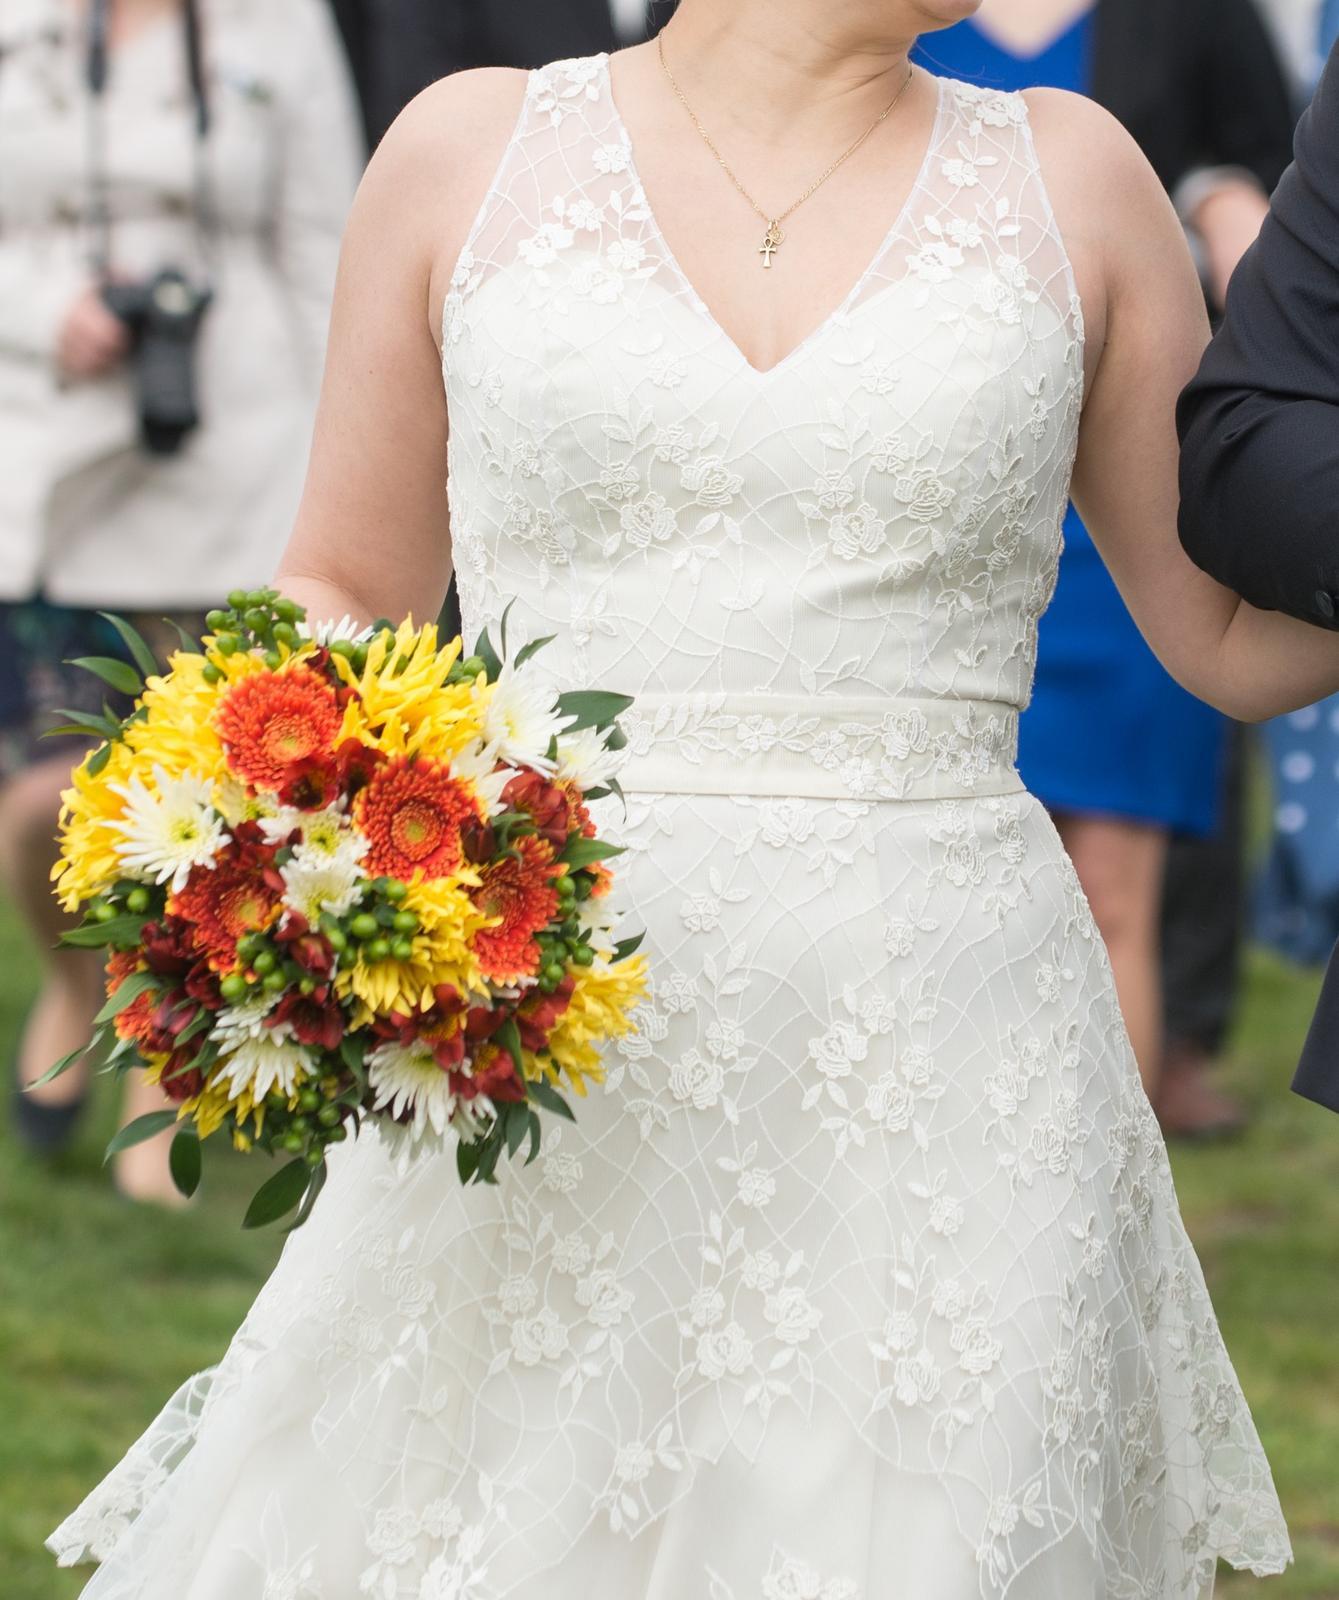 Ručně šité, 1x nošené svatební šaty, postava 170cm - Obrázek č. 2